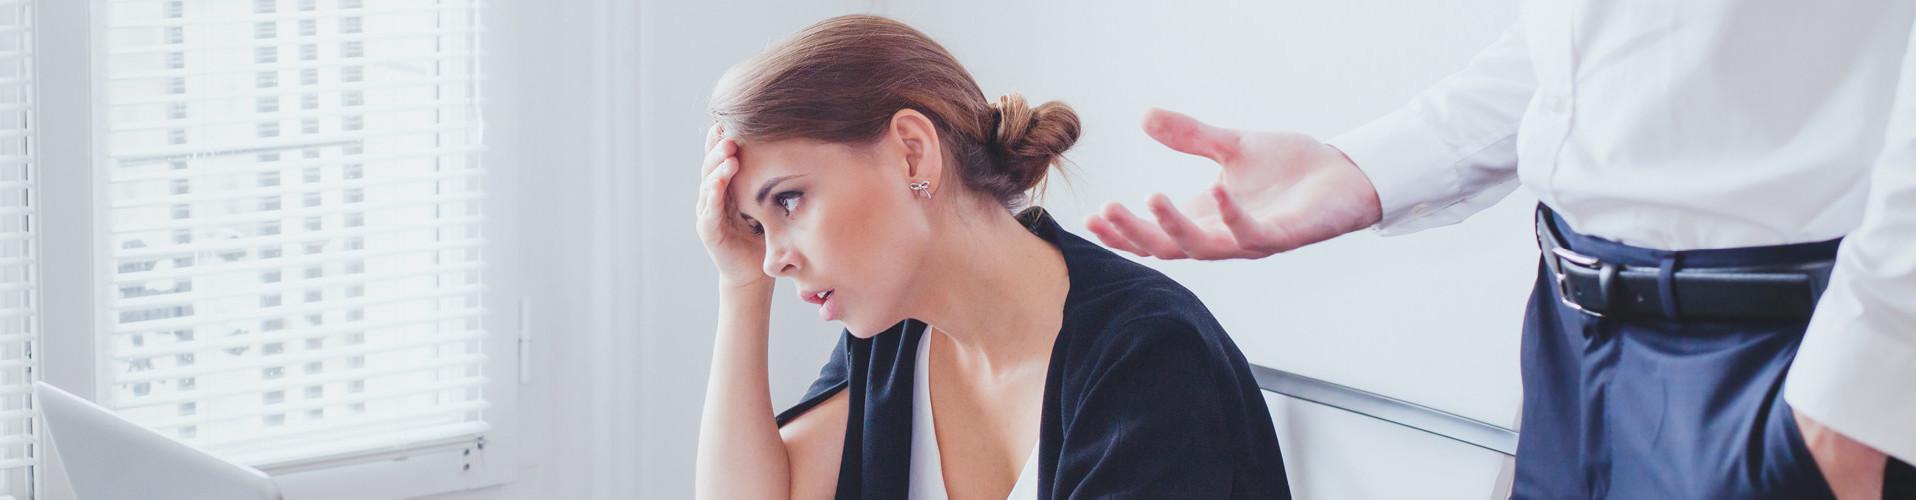 Eine gestresste Angestellte wird vom Chef zurechtgewiesen © anyaberkut, stock.adobe.com